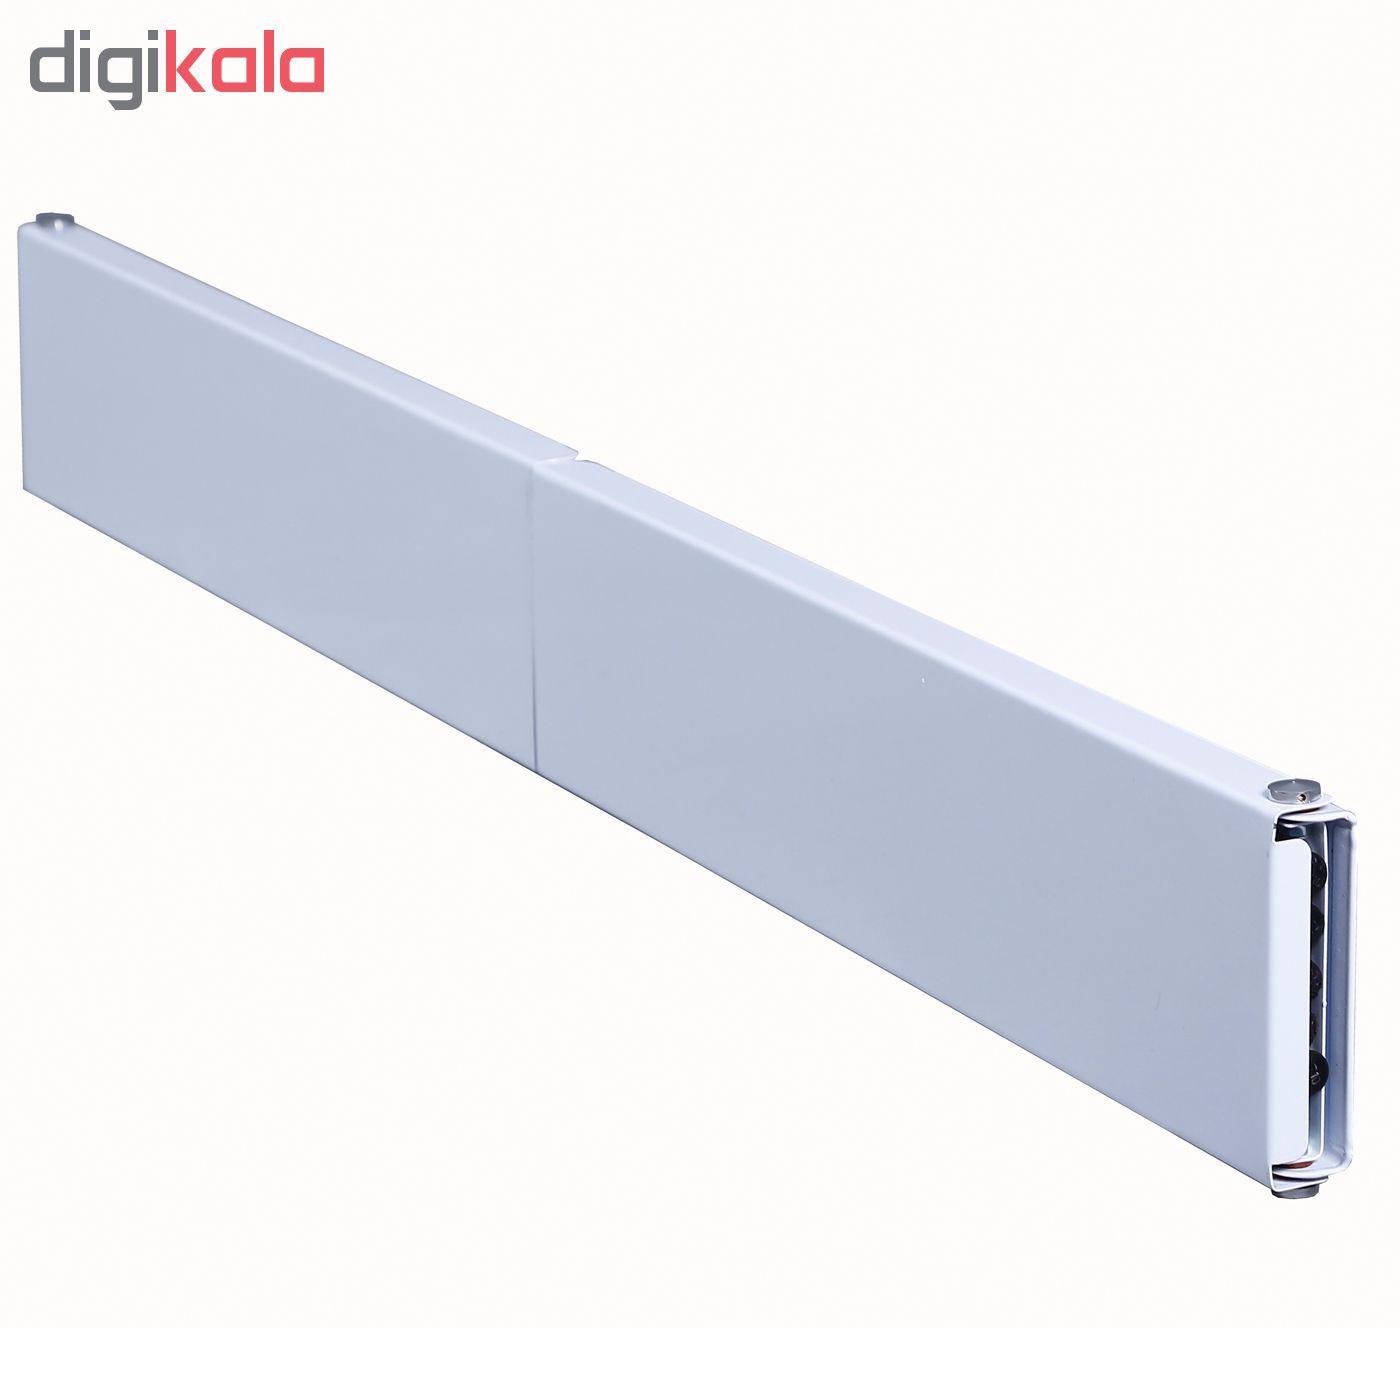 بند رخت دیواری مدل رخشا main 1 6